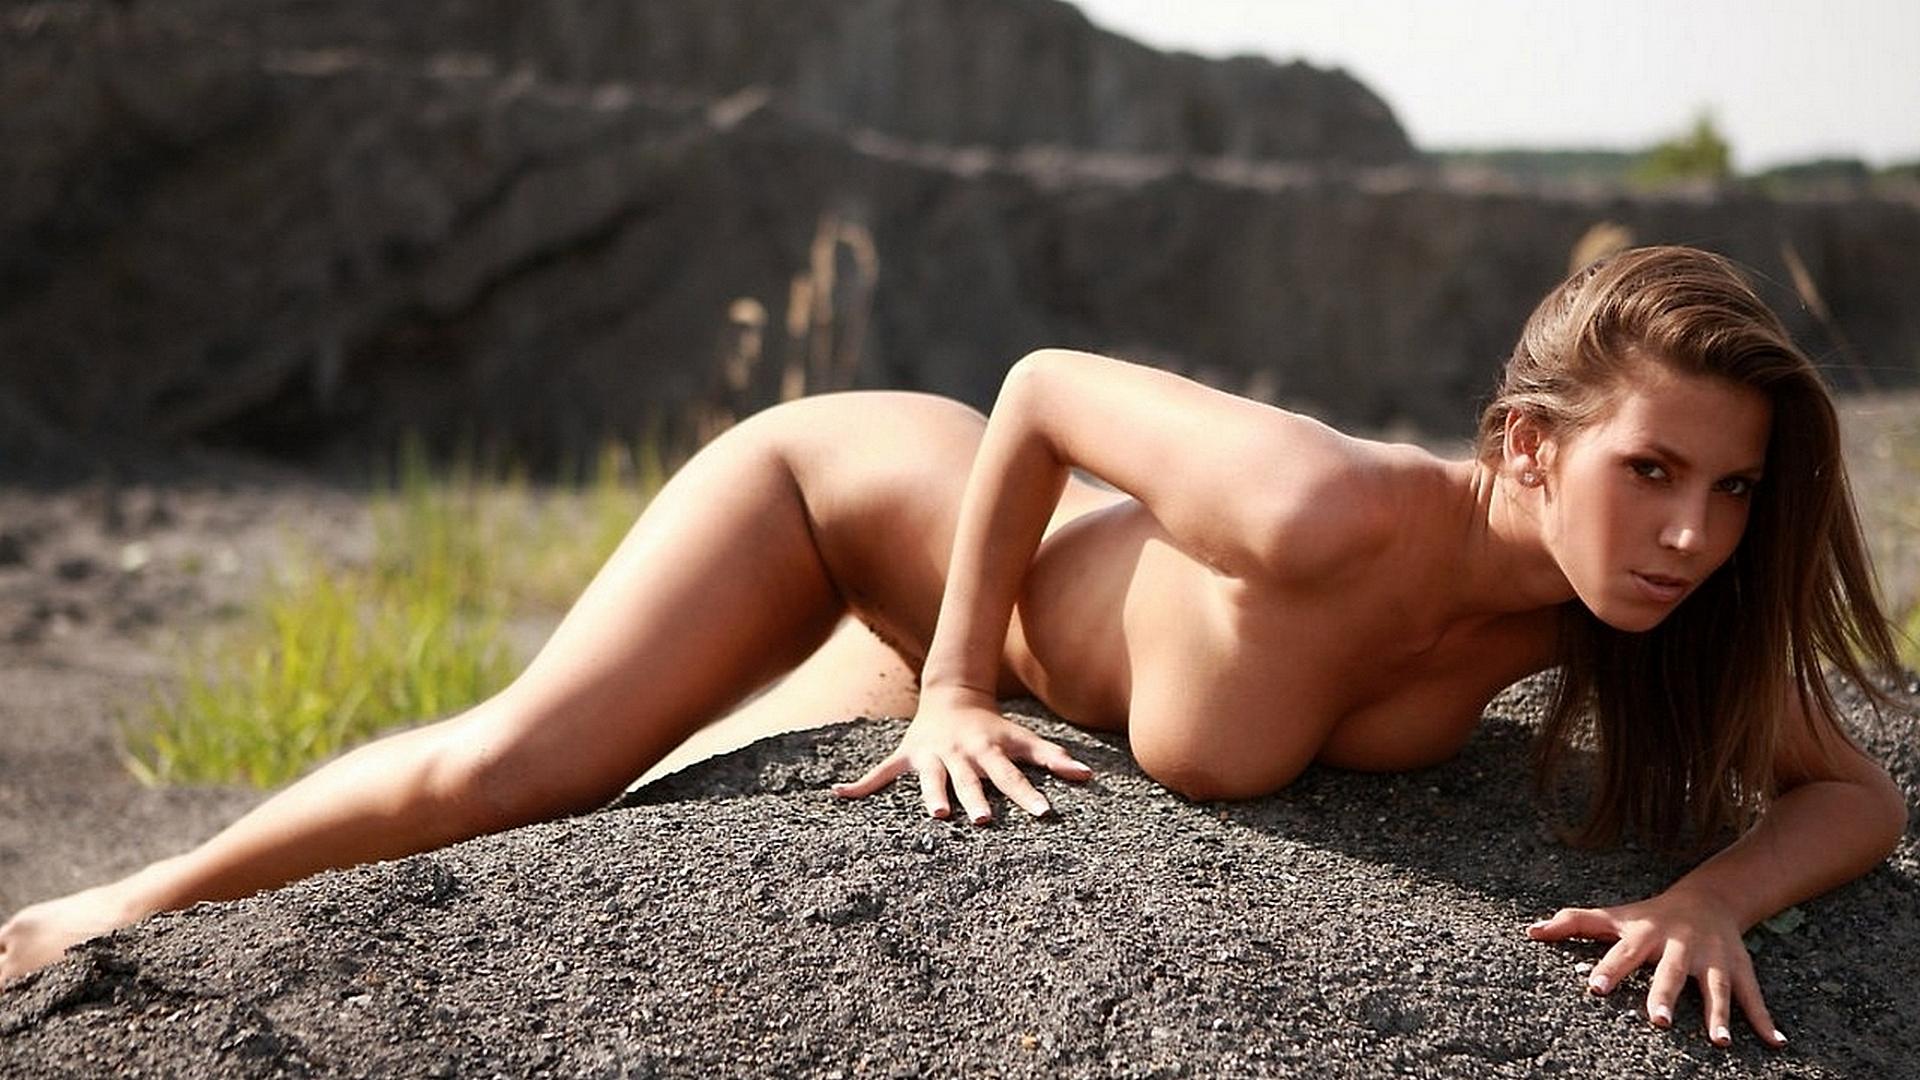 Пятничная подборка голых девушек, Большая подборка голых баб порно фото 12 фотография